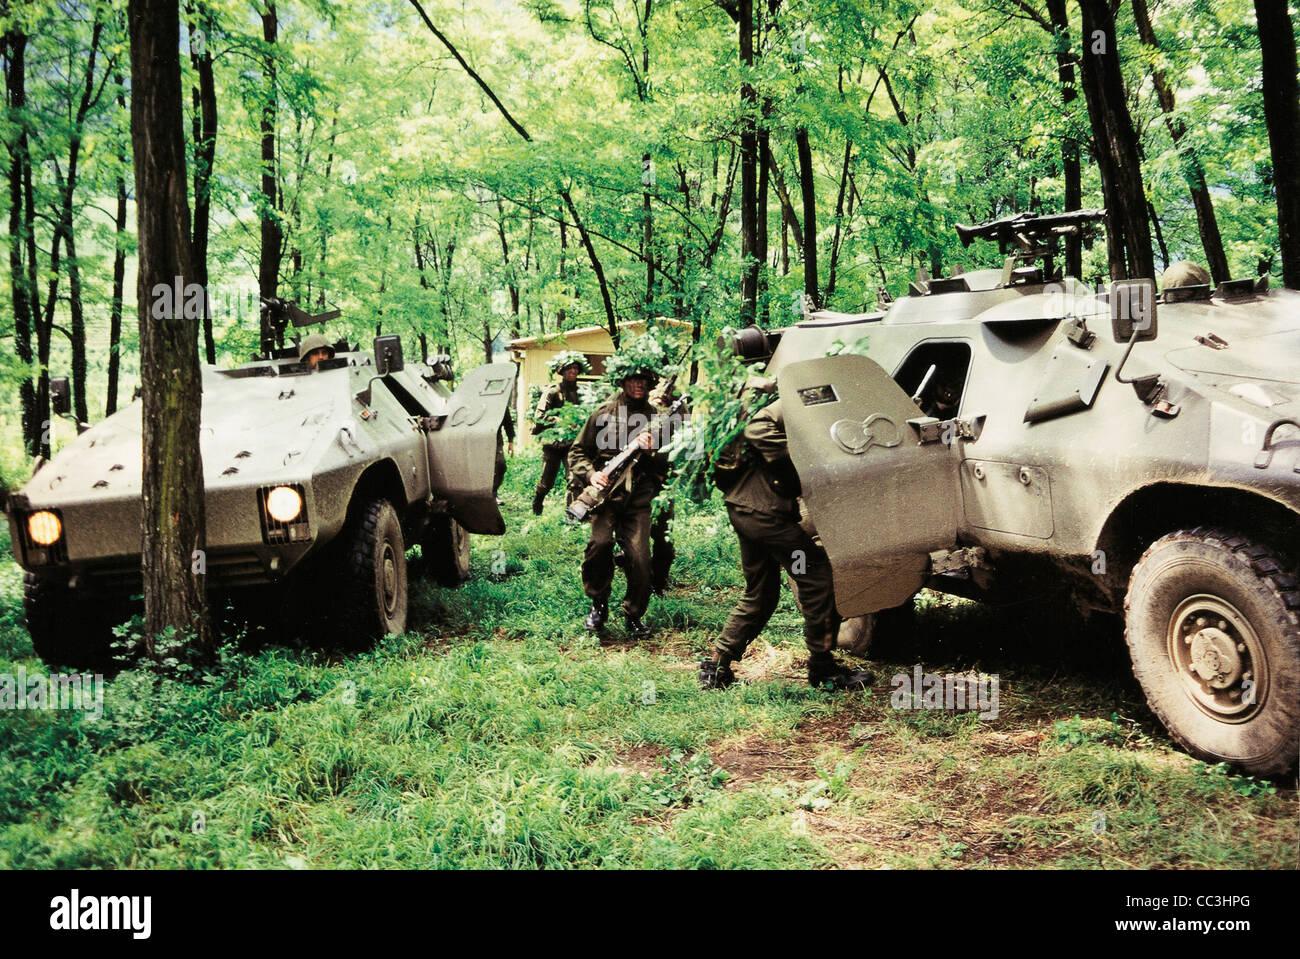 Vehículos militares blindados Puma Italia del siglo xx 90 Imagen De Stock